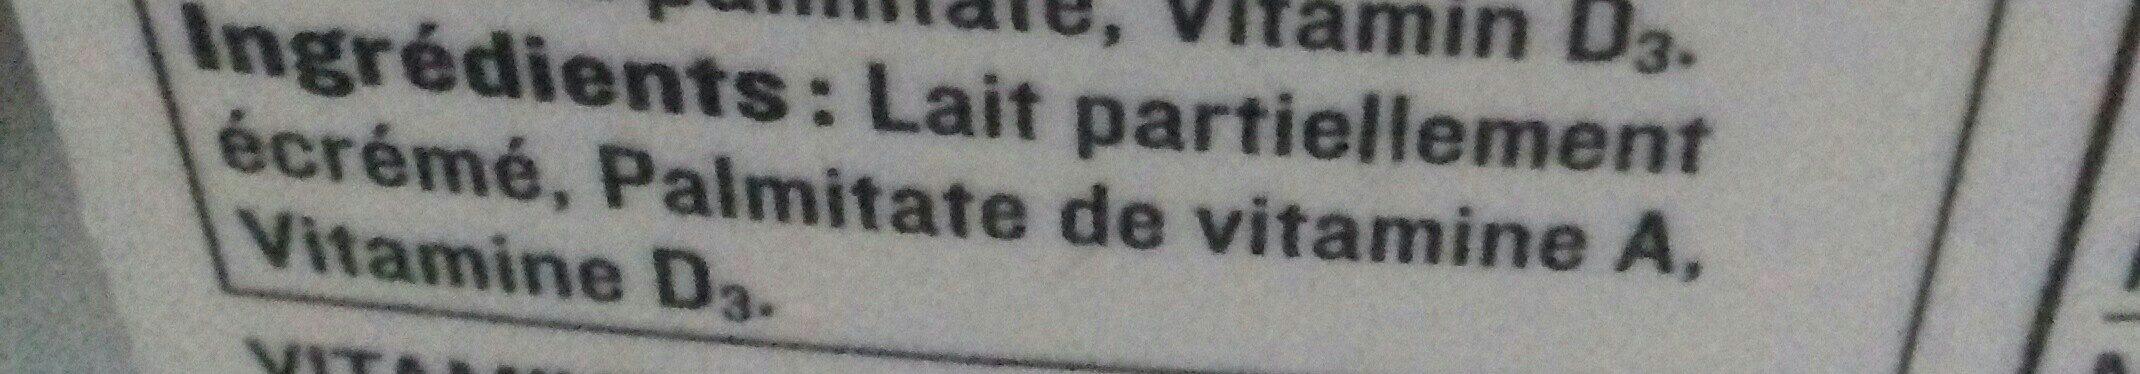 Lait (1 % m.g.) - Ingrédients - fr